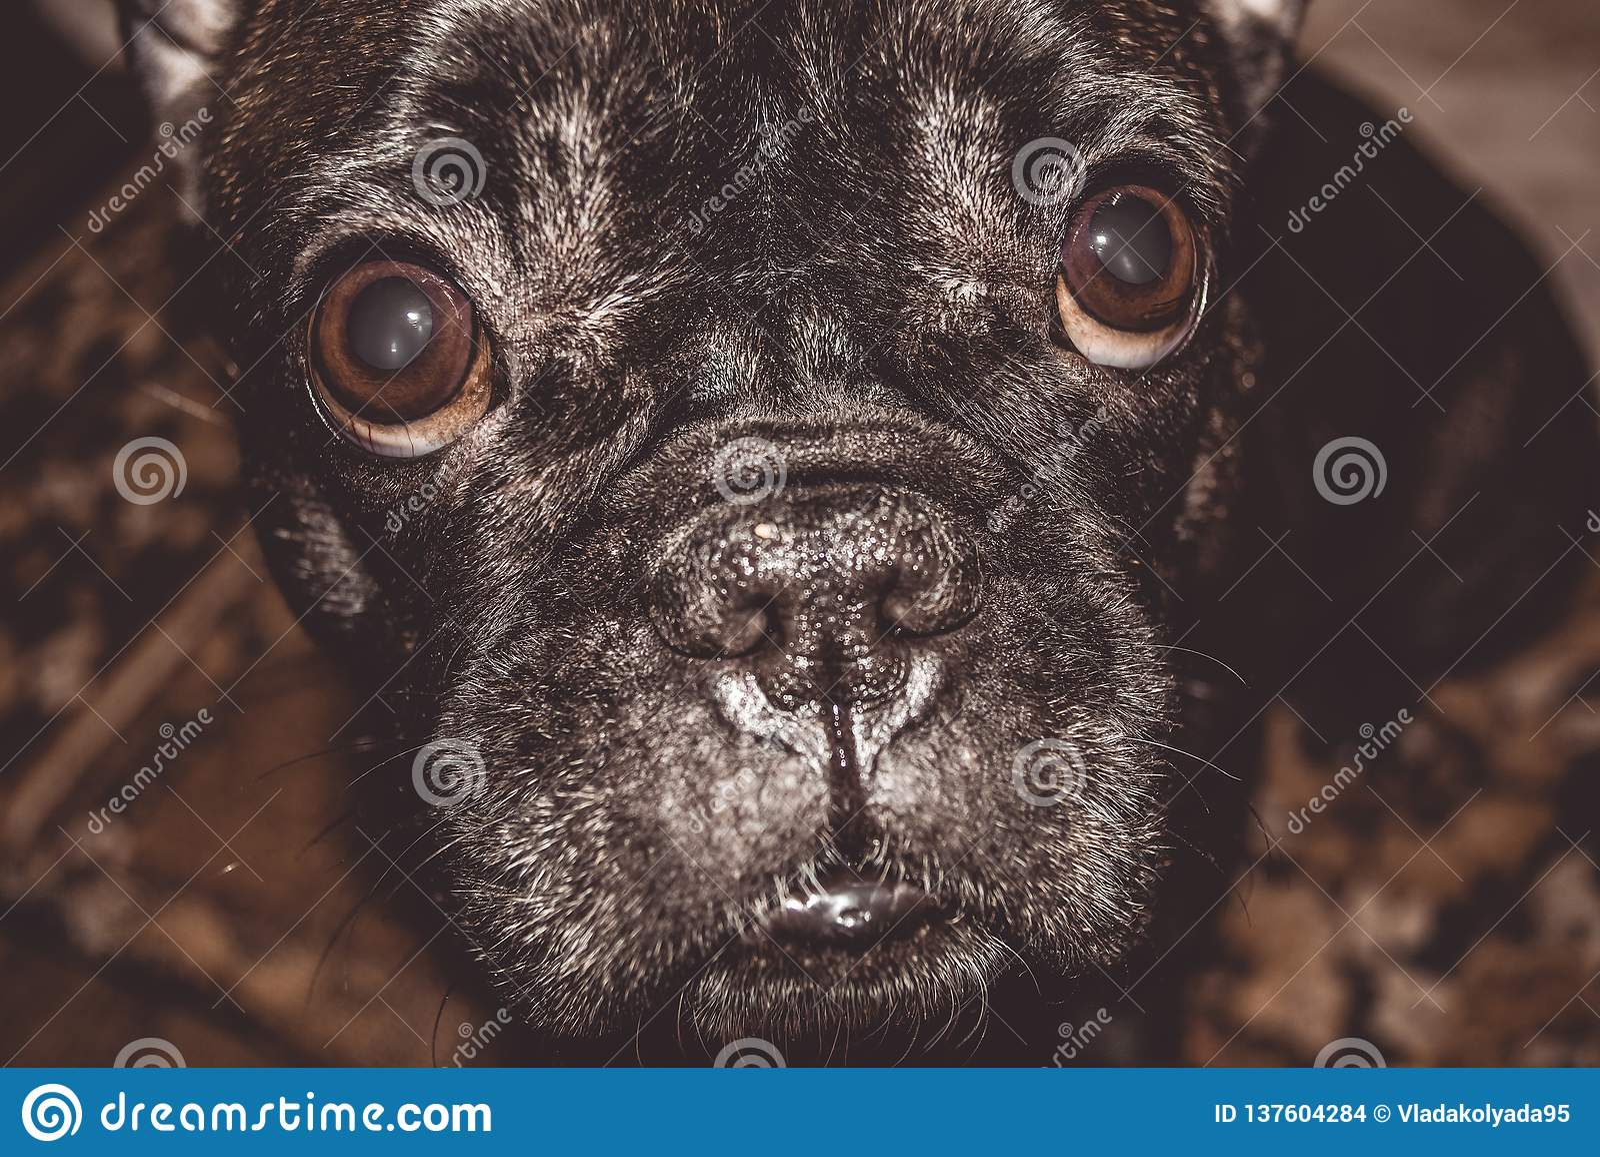 Mały pies czarny kolor z uroczymi oczami i wielkimi ucho Marszczący kaganiec rodowód Traken Kan Corso, Francuski buldog pet